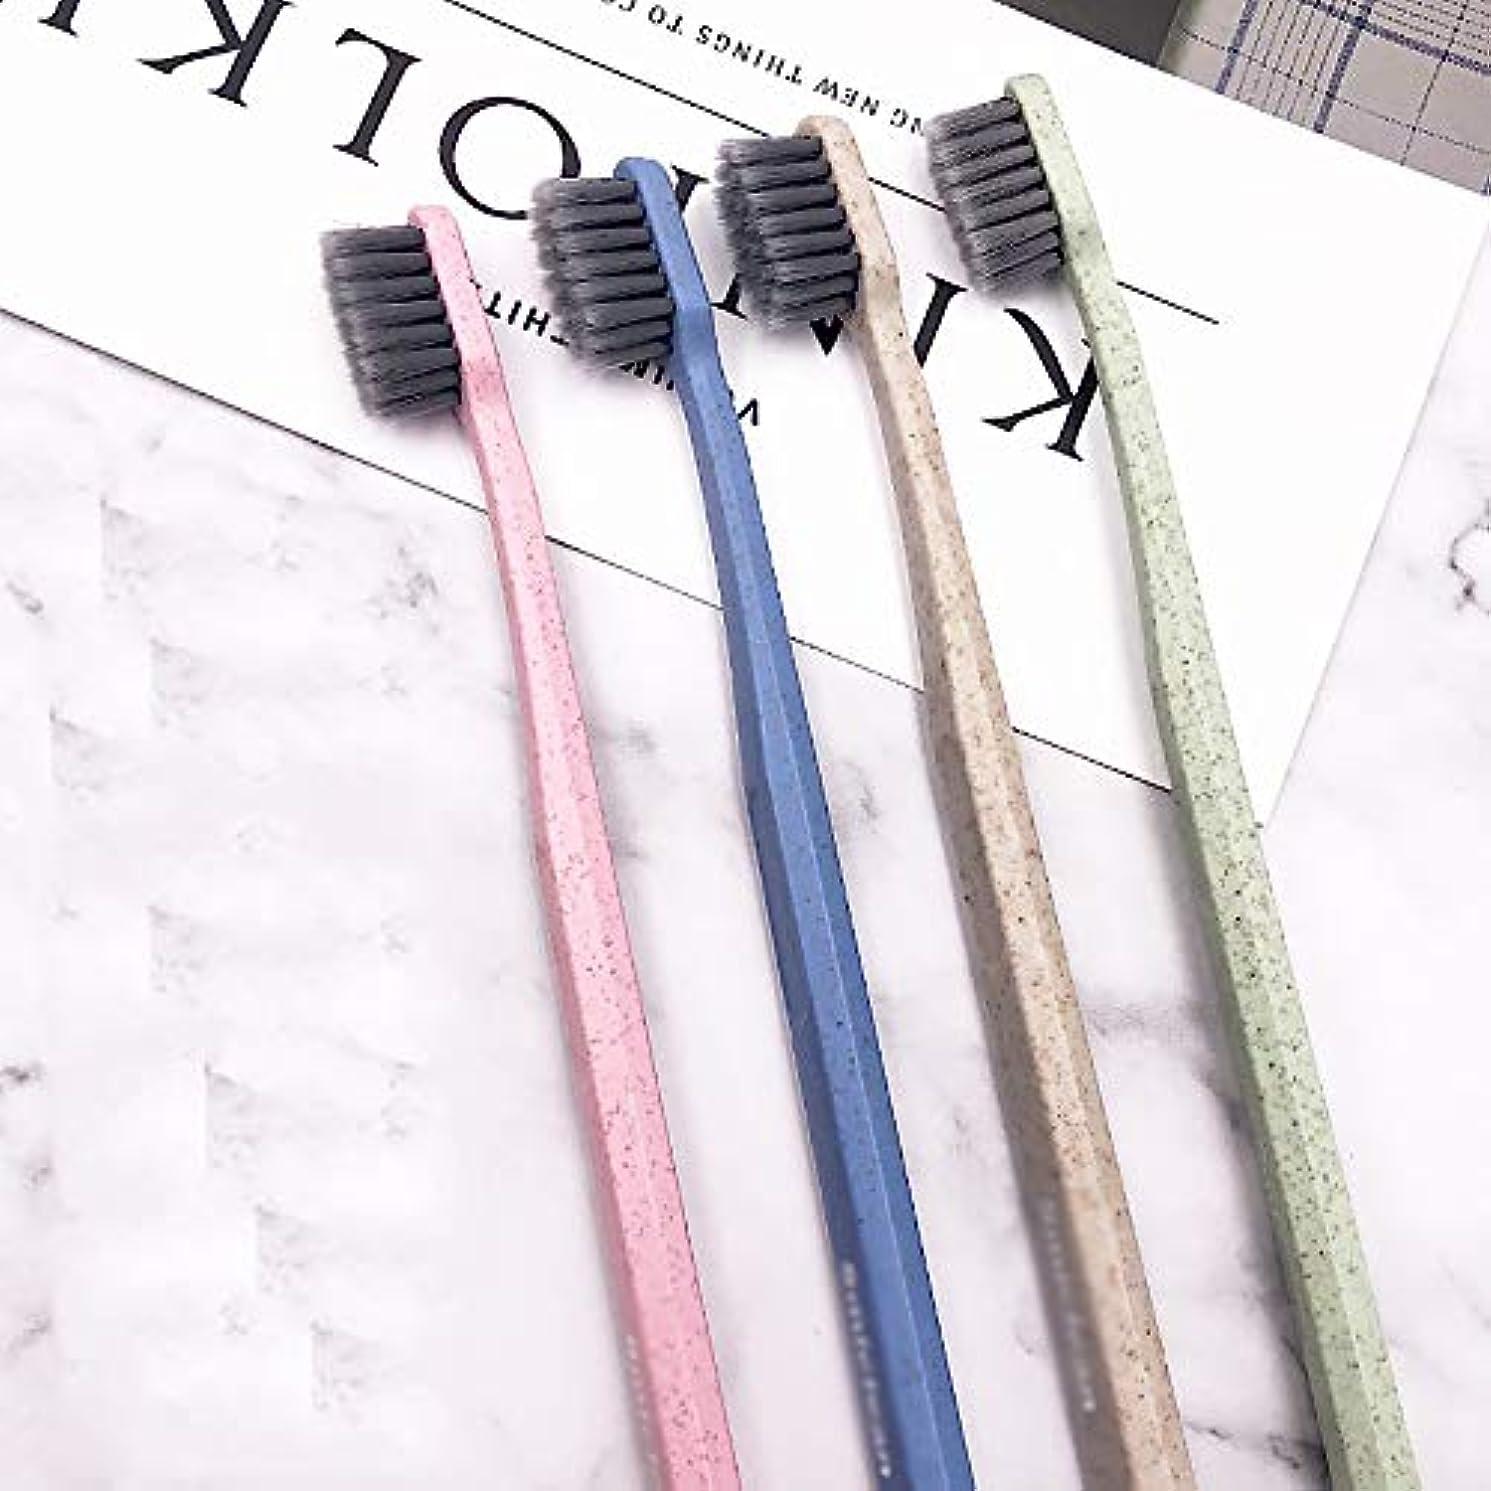 気がついて狂気格差歯ブラシ 8本のスティック大人歯ブラシ、竹炭歯ブラシ、ブラックブラシヘッド歯ブラシ - 使用可能なスタイルの3種類 HL (色 : A, サイズ : 8 packs)